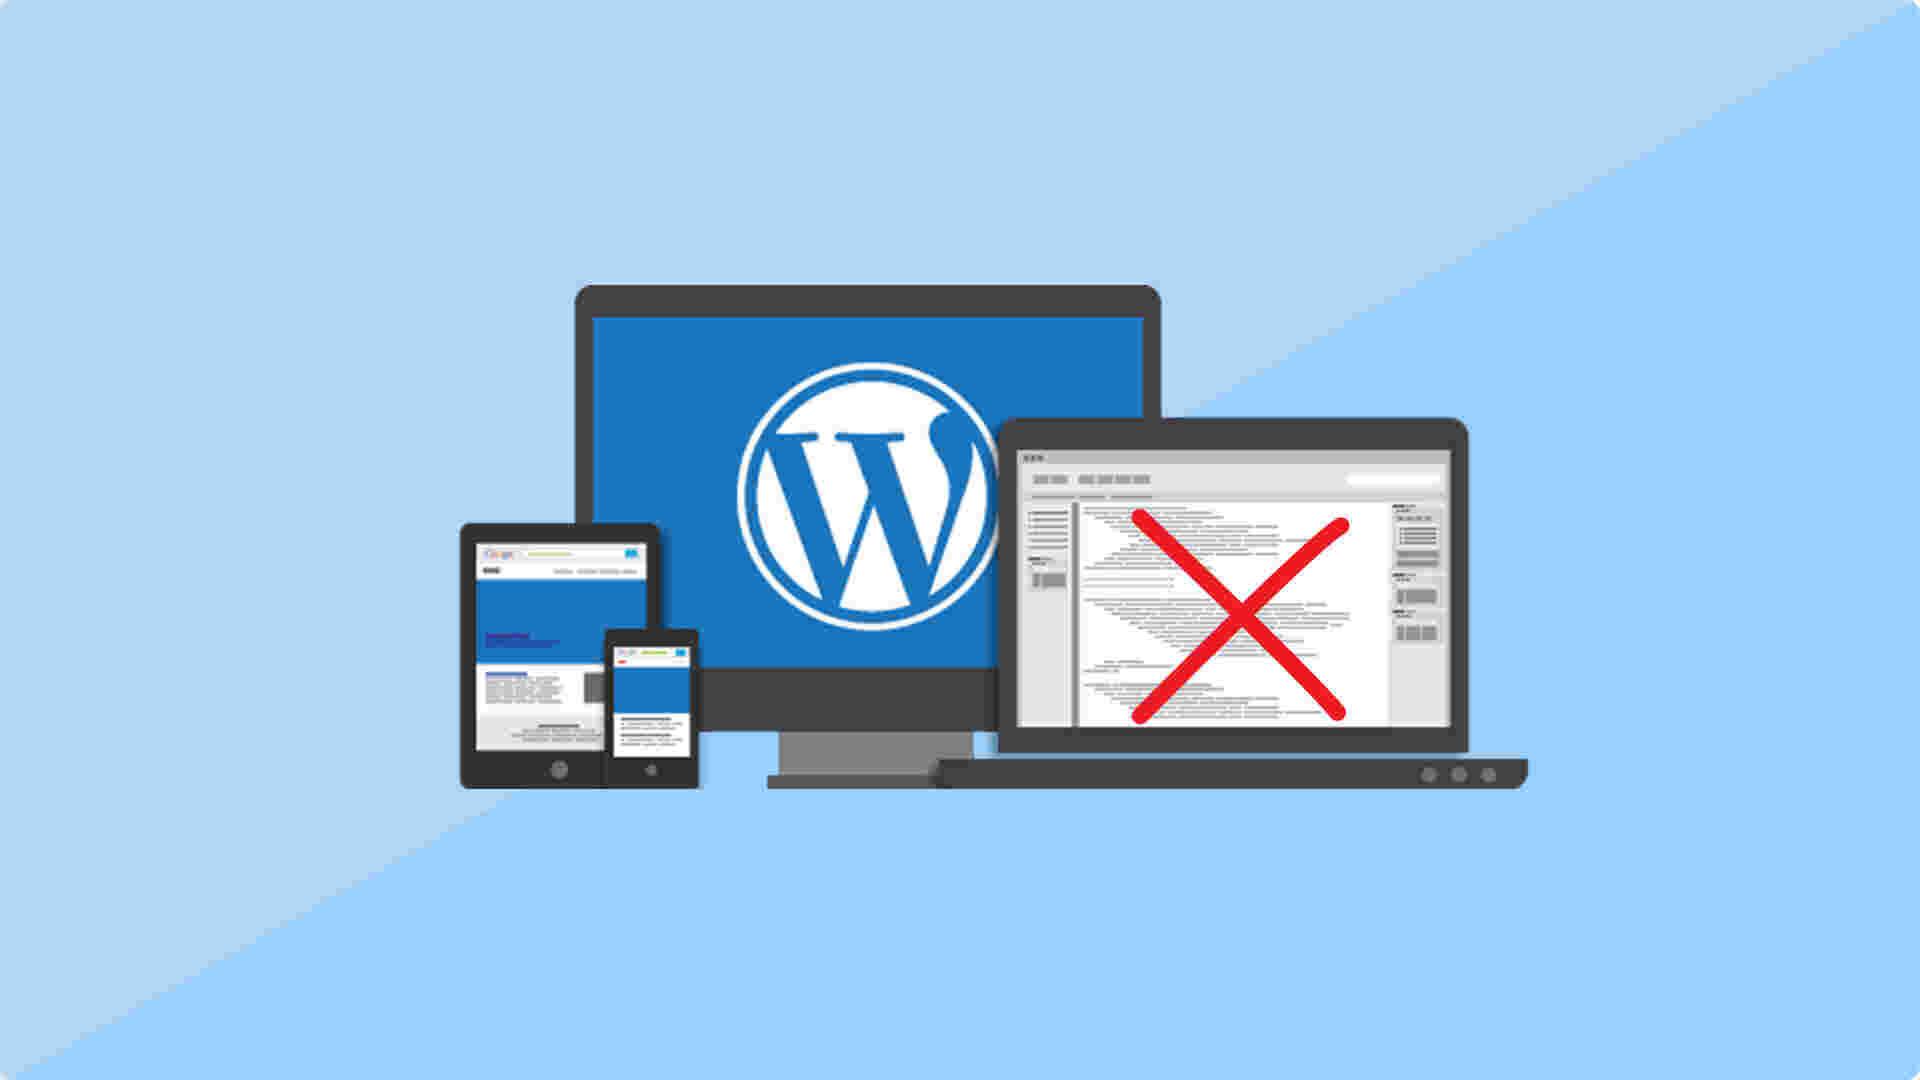 آموزش طراحی سایت بدون کد نویسی با وردپرس